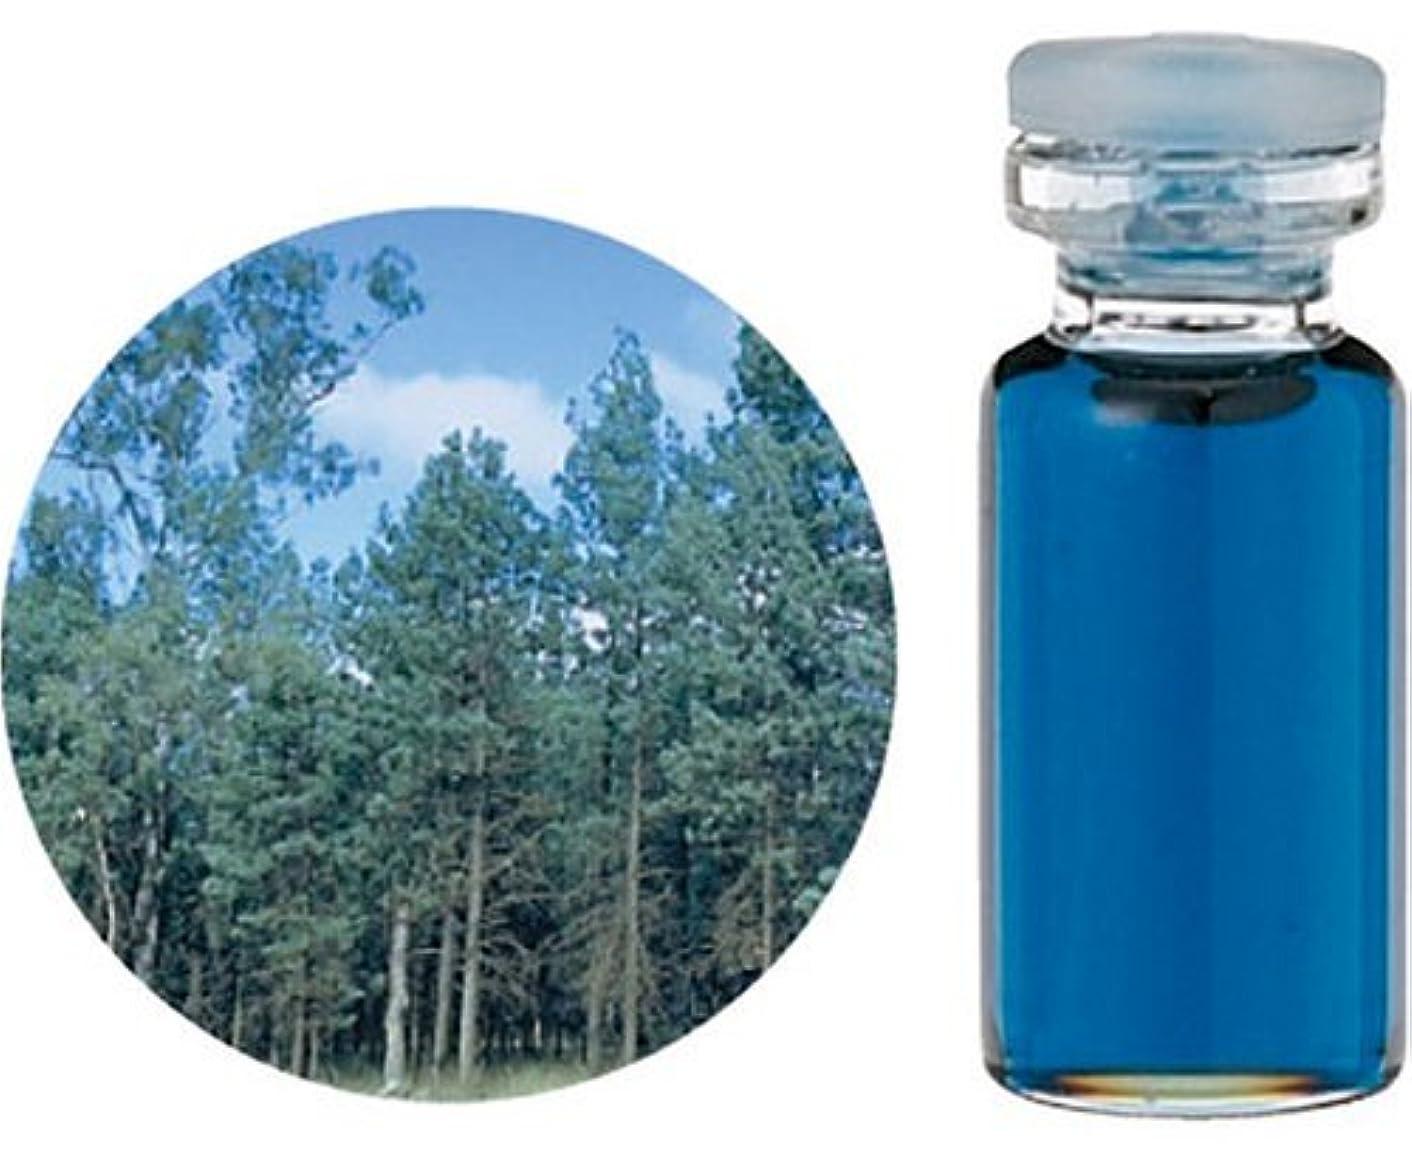 弾性邪悪な金曜日生活の木 C ブルー サイプレス エッセンシャルオイル 3ml オイル